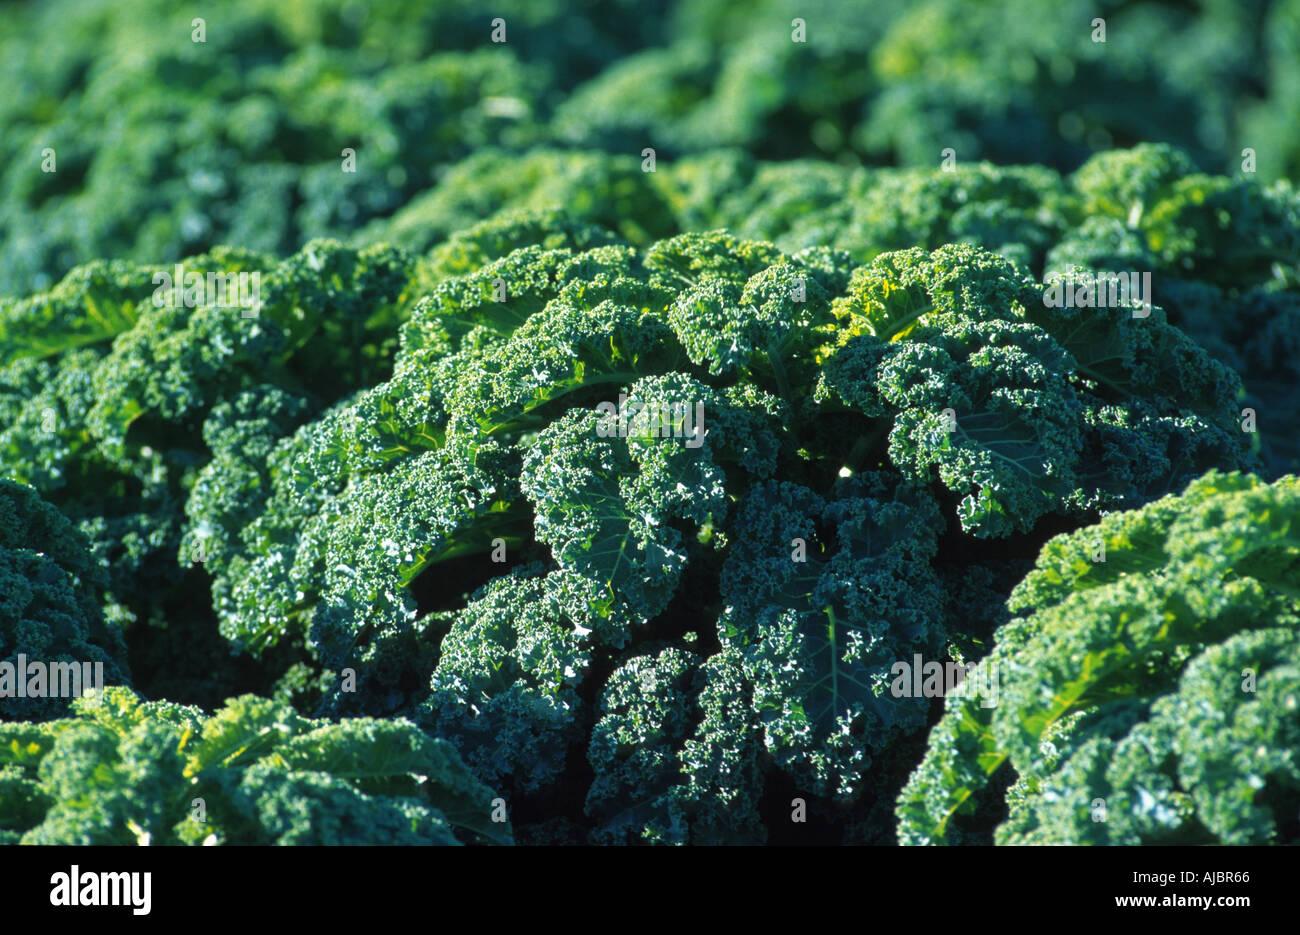 kale (Brassica oleracea var. sabellica), fiel of vegetables, Germany, North Rhine-Westphalia - Stock Image